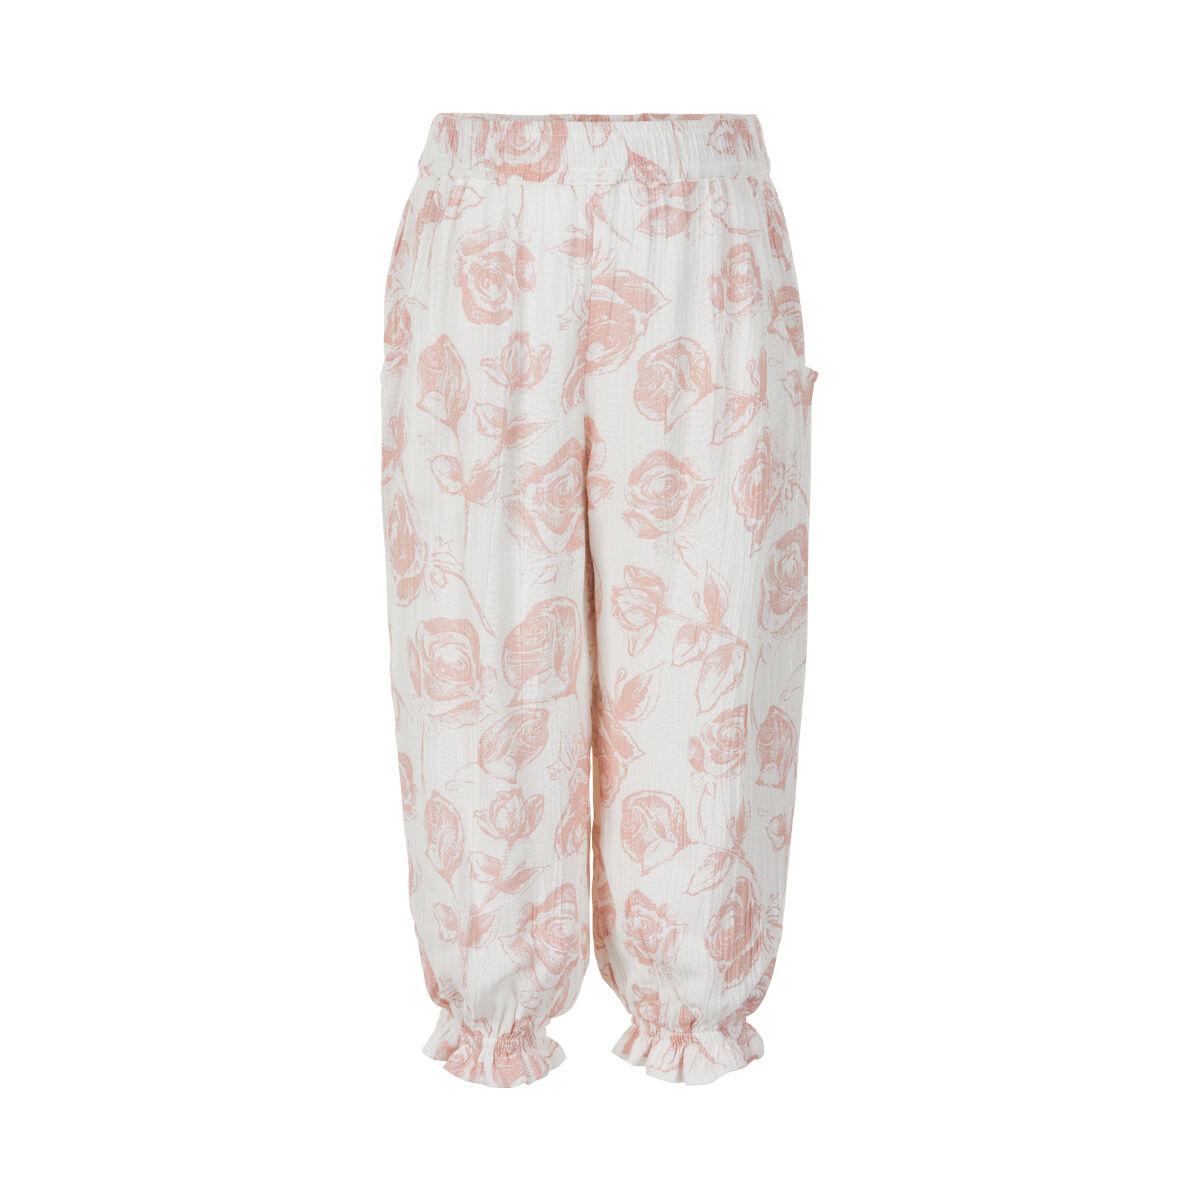 Creamie Pants w. Roses